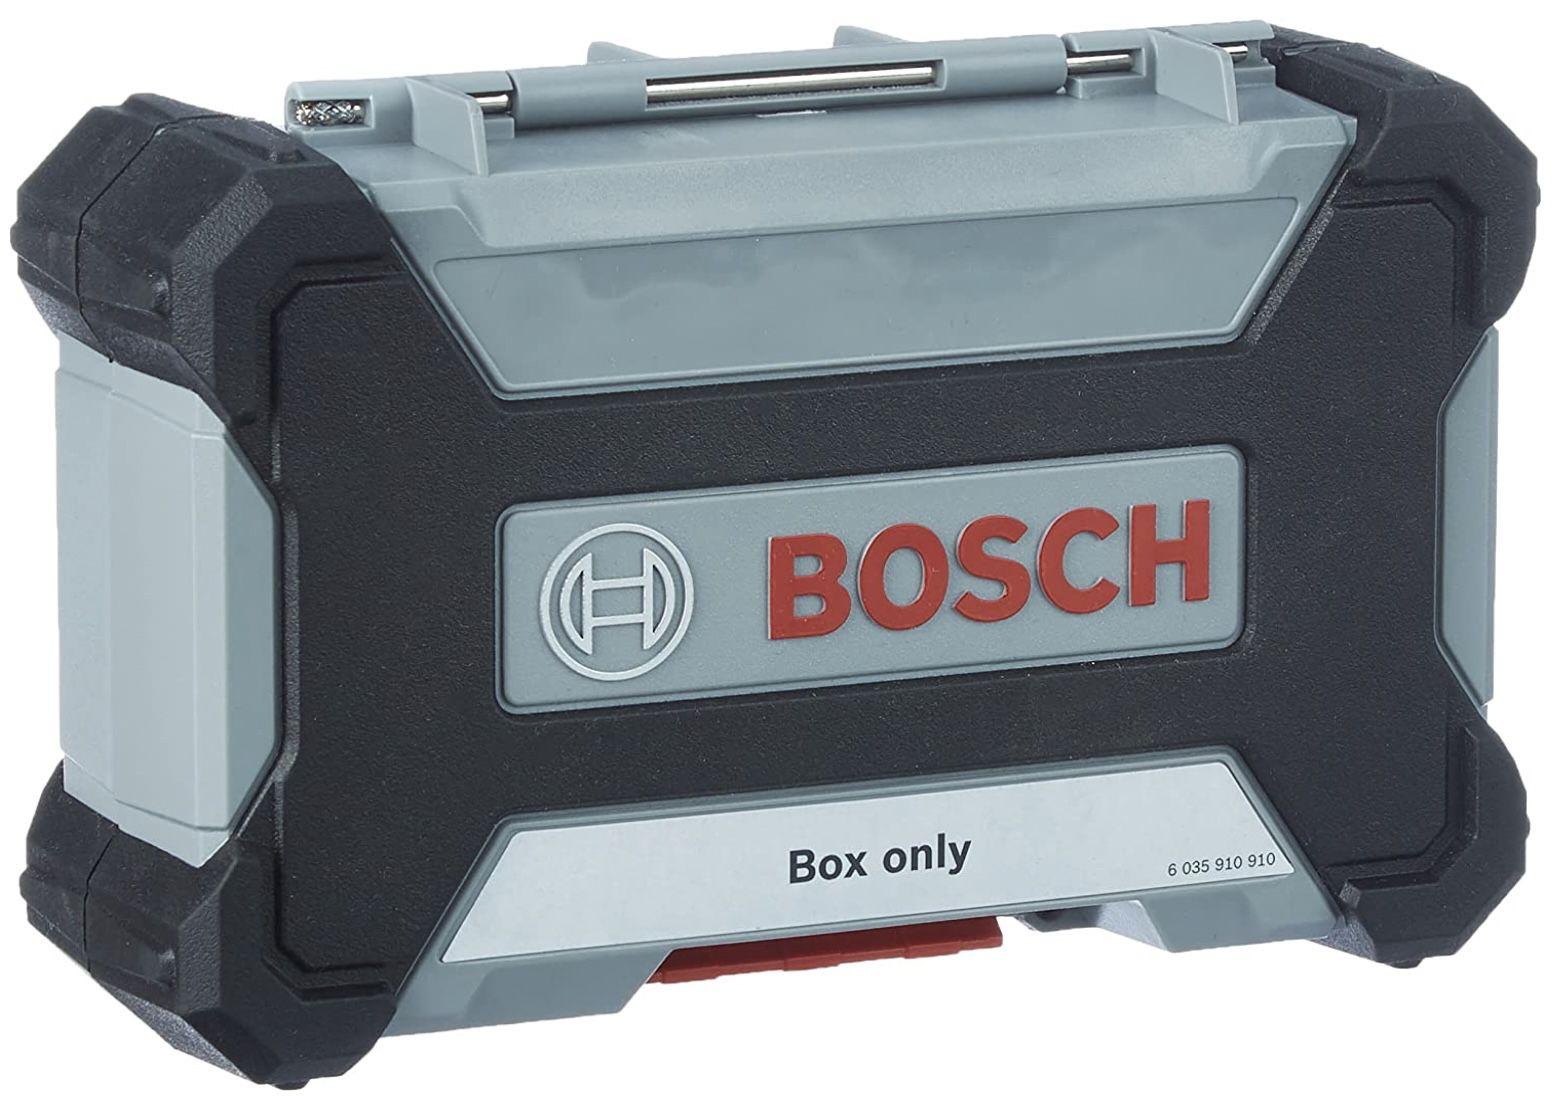 Bosch Professional Leerbox Größe L für 3,65€ (statt 8€)